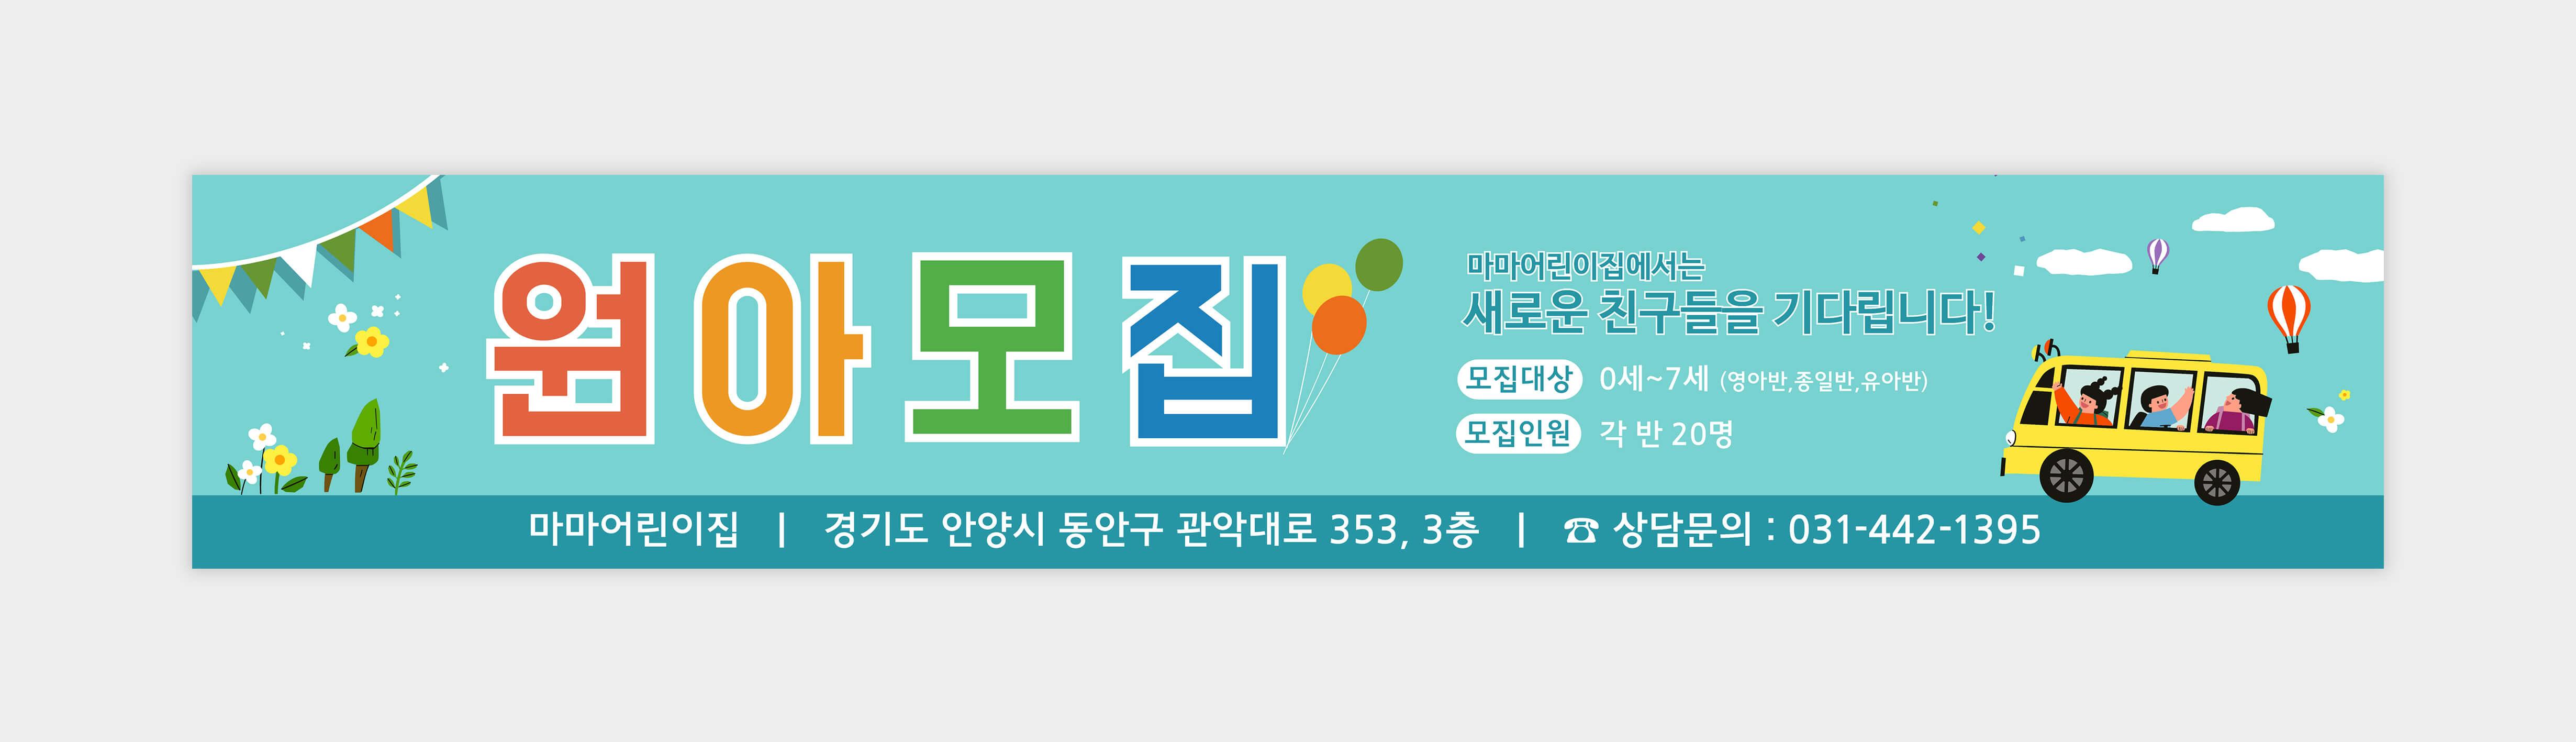 현수막_059